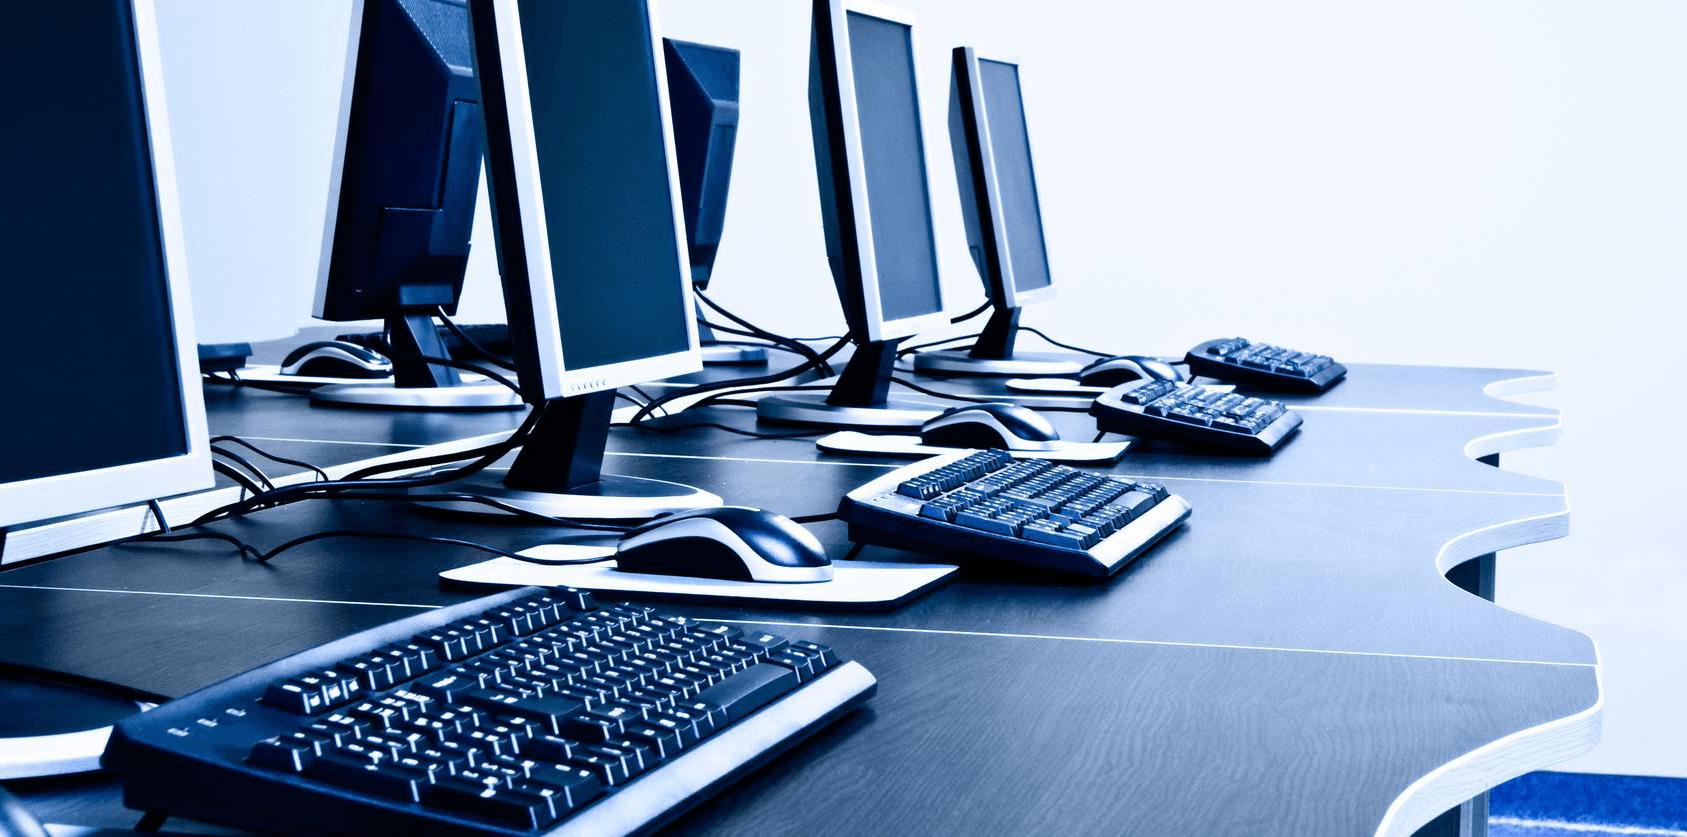 احتراف الحاسوب , كتاب لاحتراف الحاسوب , كتاب لتعليم الحاسب الالي